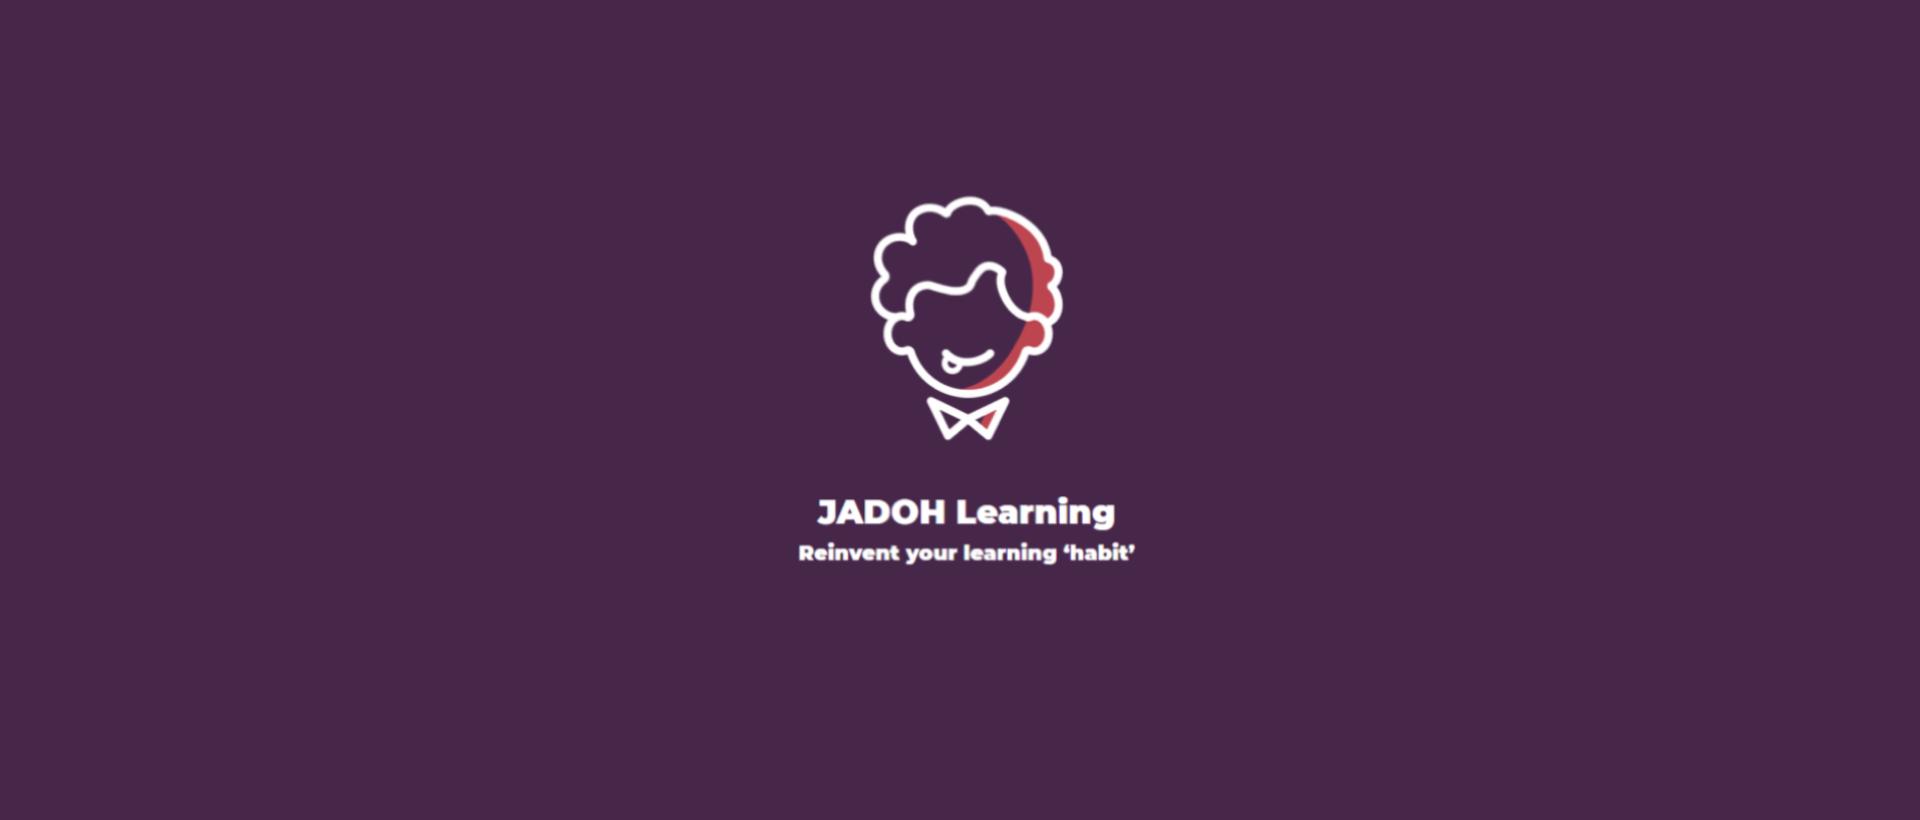 JADOH Learning